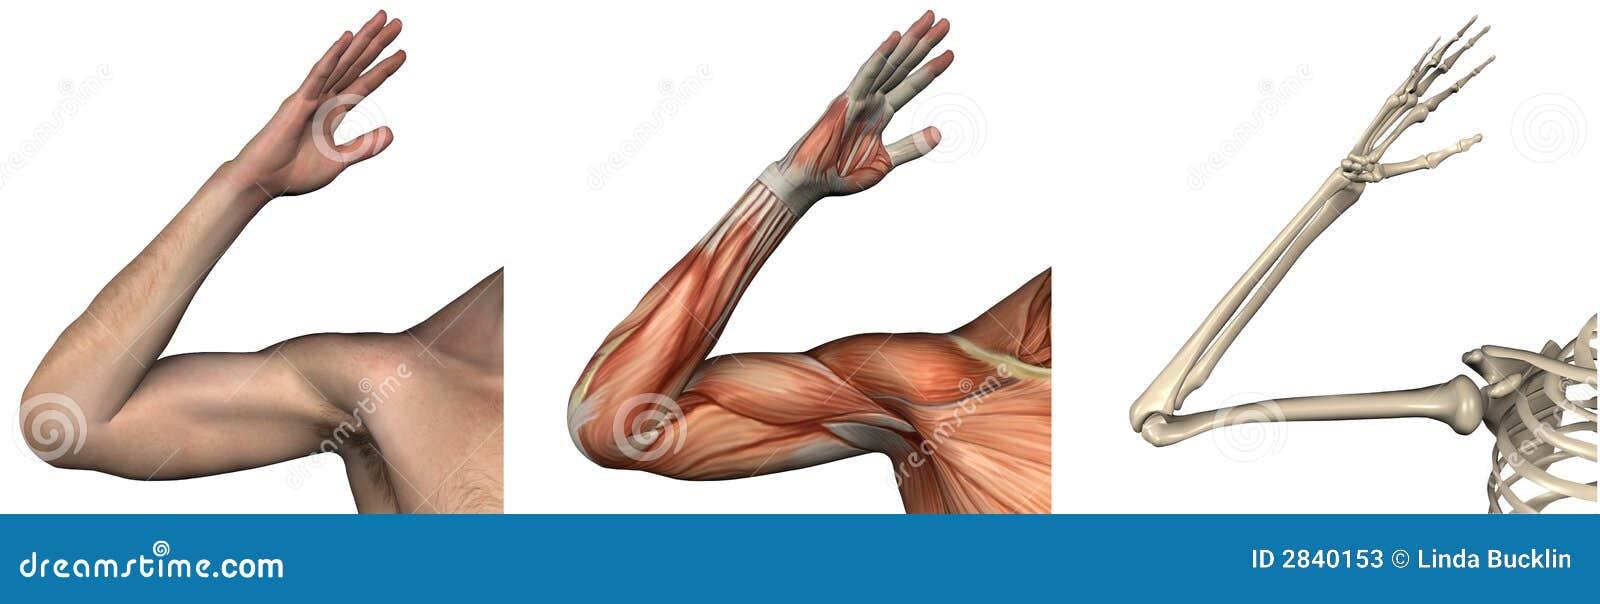 Folhas de prova anatômicas - braço direito